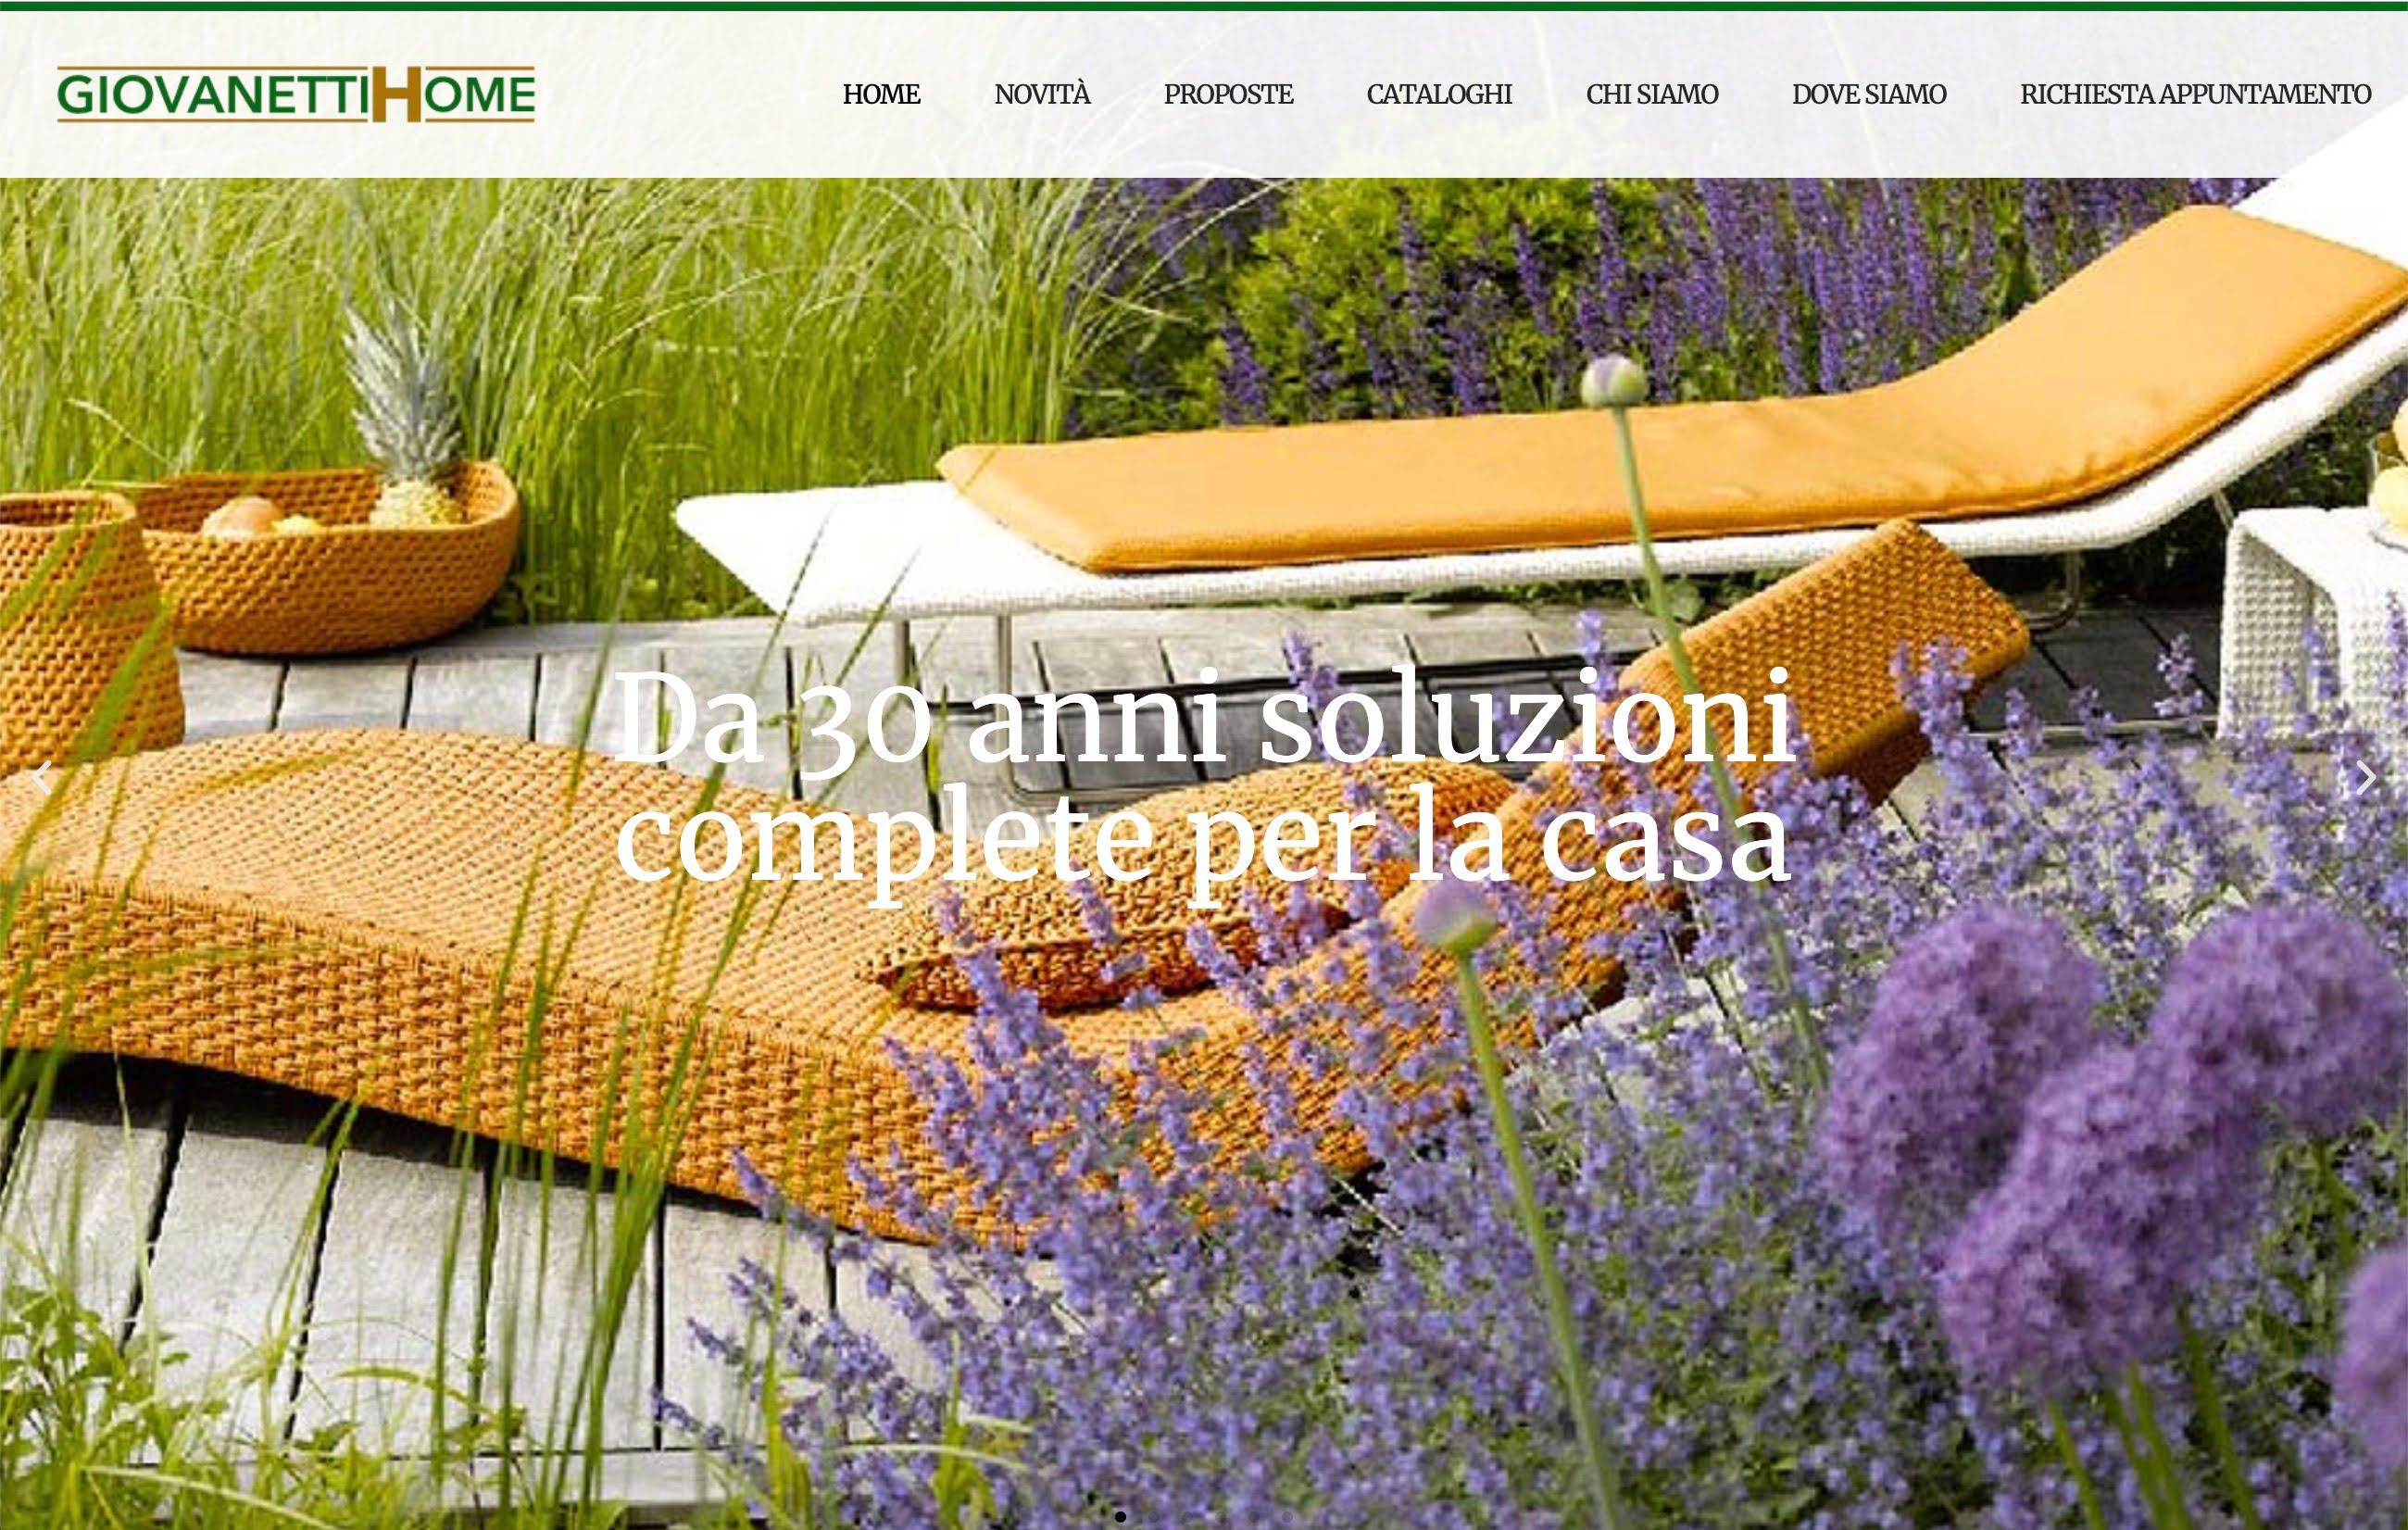 Giovanetti Home Webdesigner